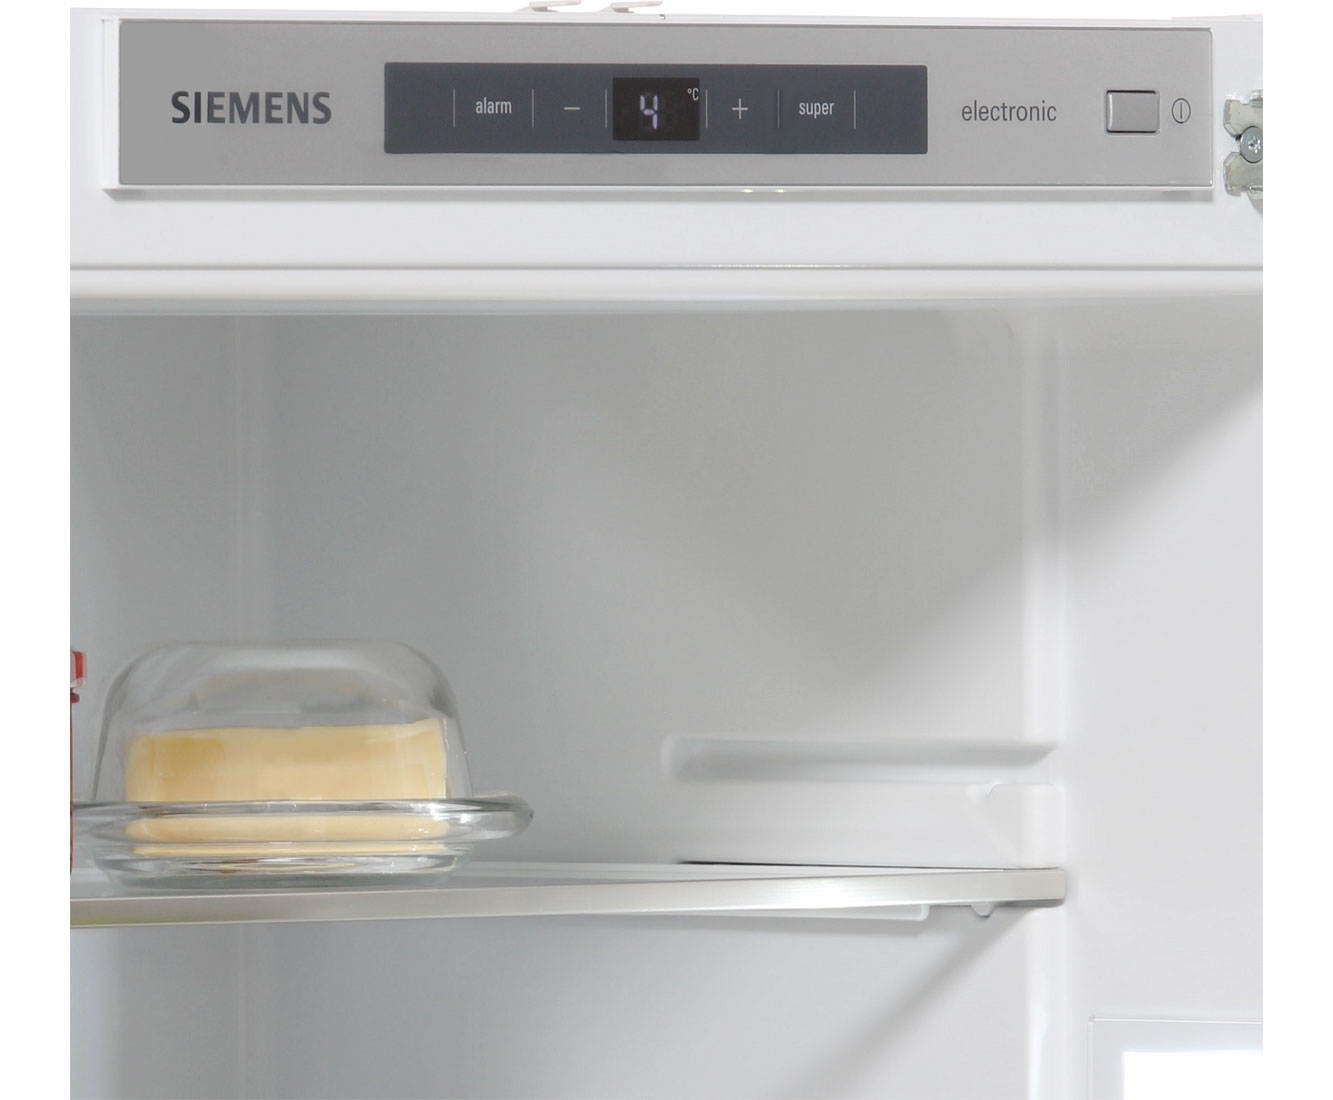 K Hlschrank Mit Eisw Rfelspender tolle kühlschränke siemens ideen die besten wohnideen kinjolas com